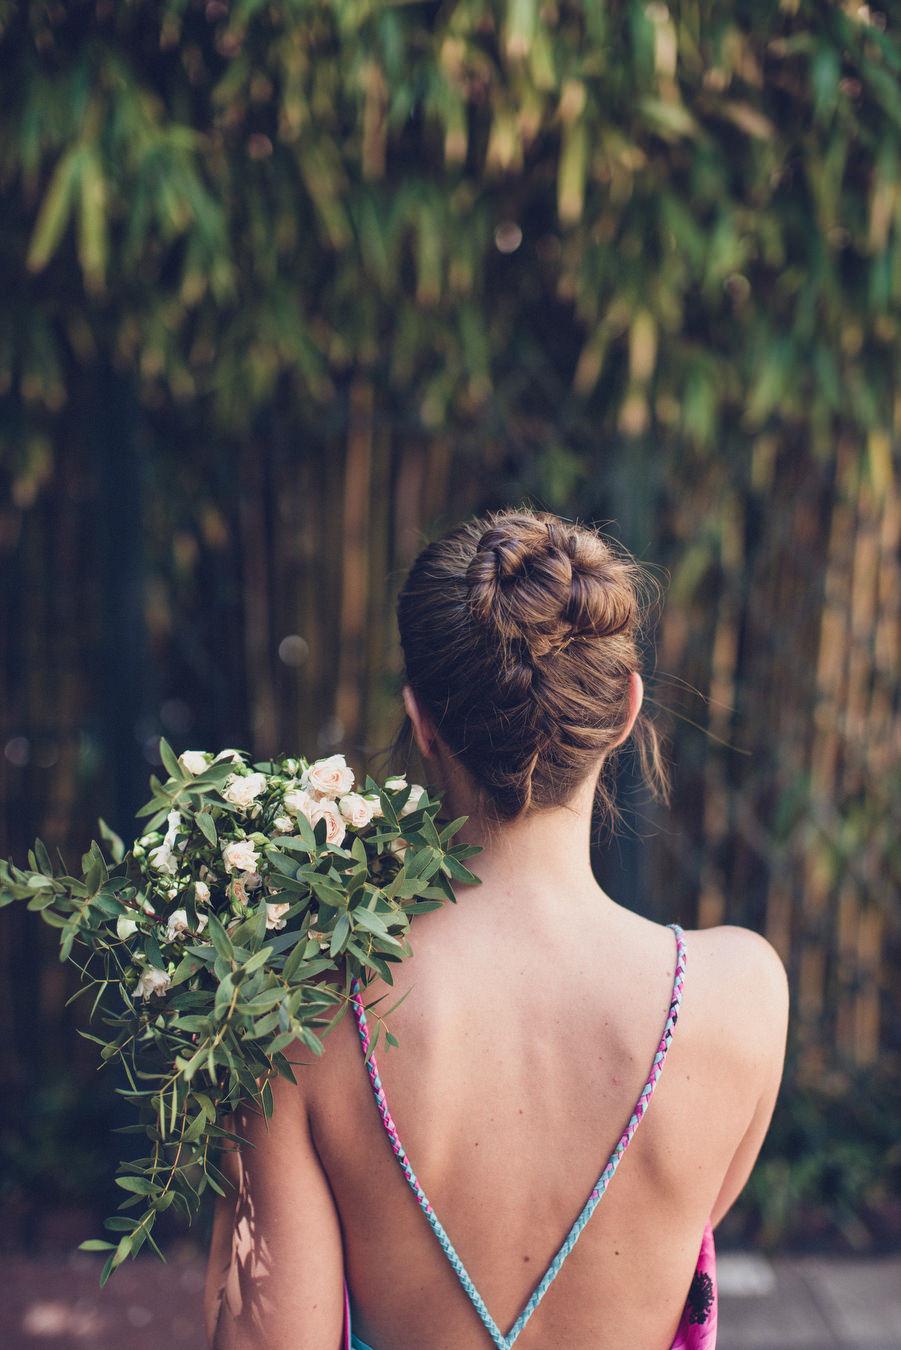 calista-one-lista-de-bodas-online-blog-de-bodas-bossanova-looks-invitadas-a-iglesias-turquesa-5